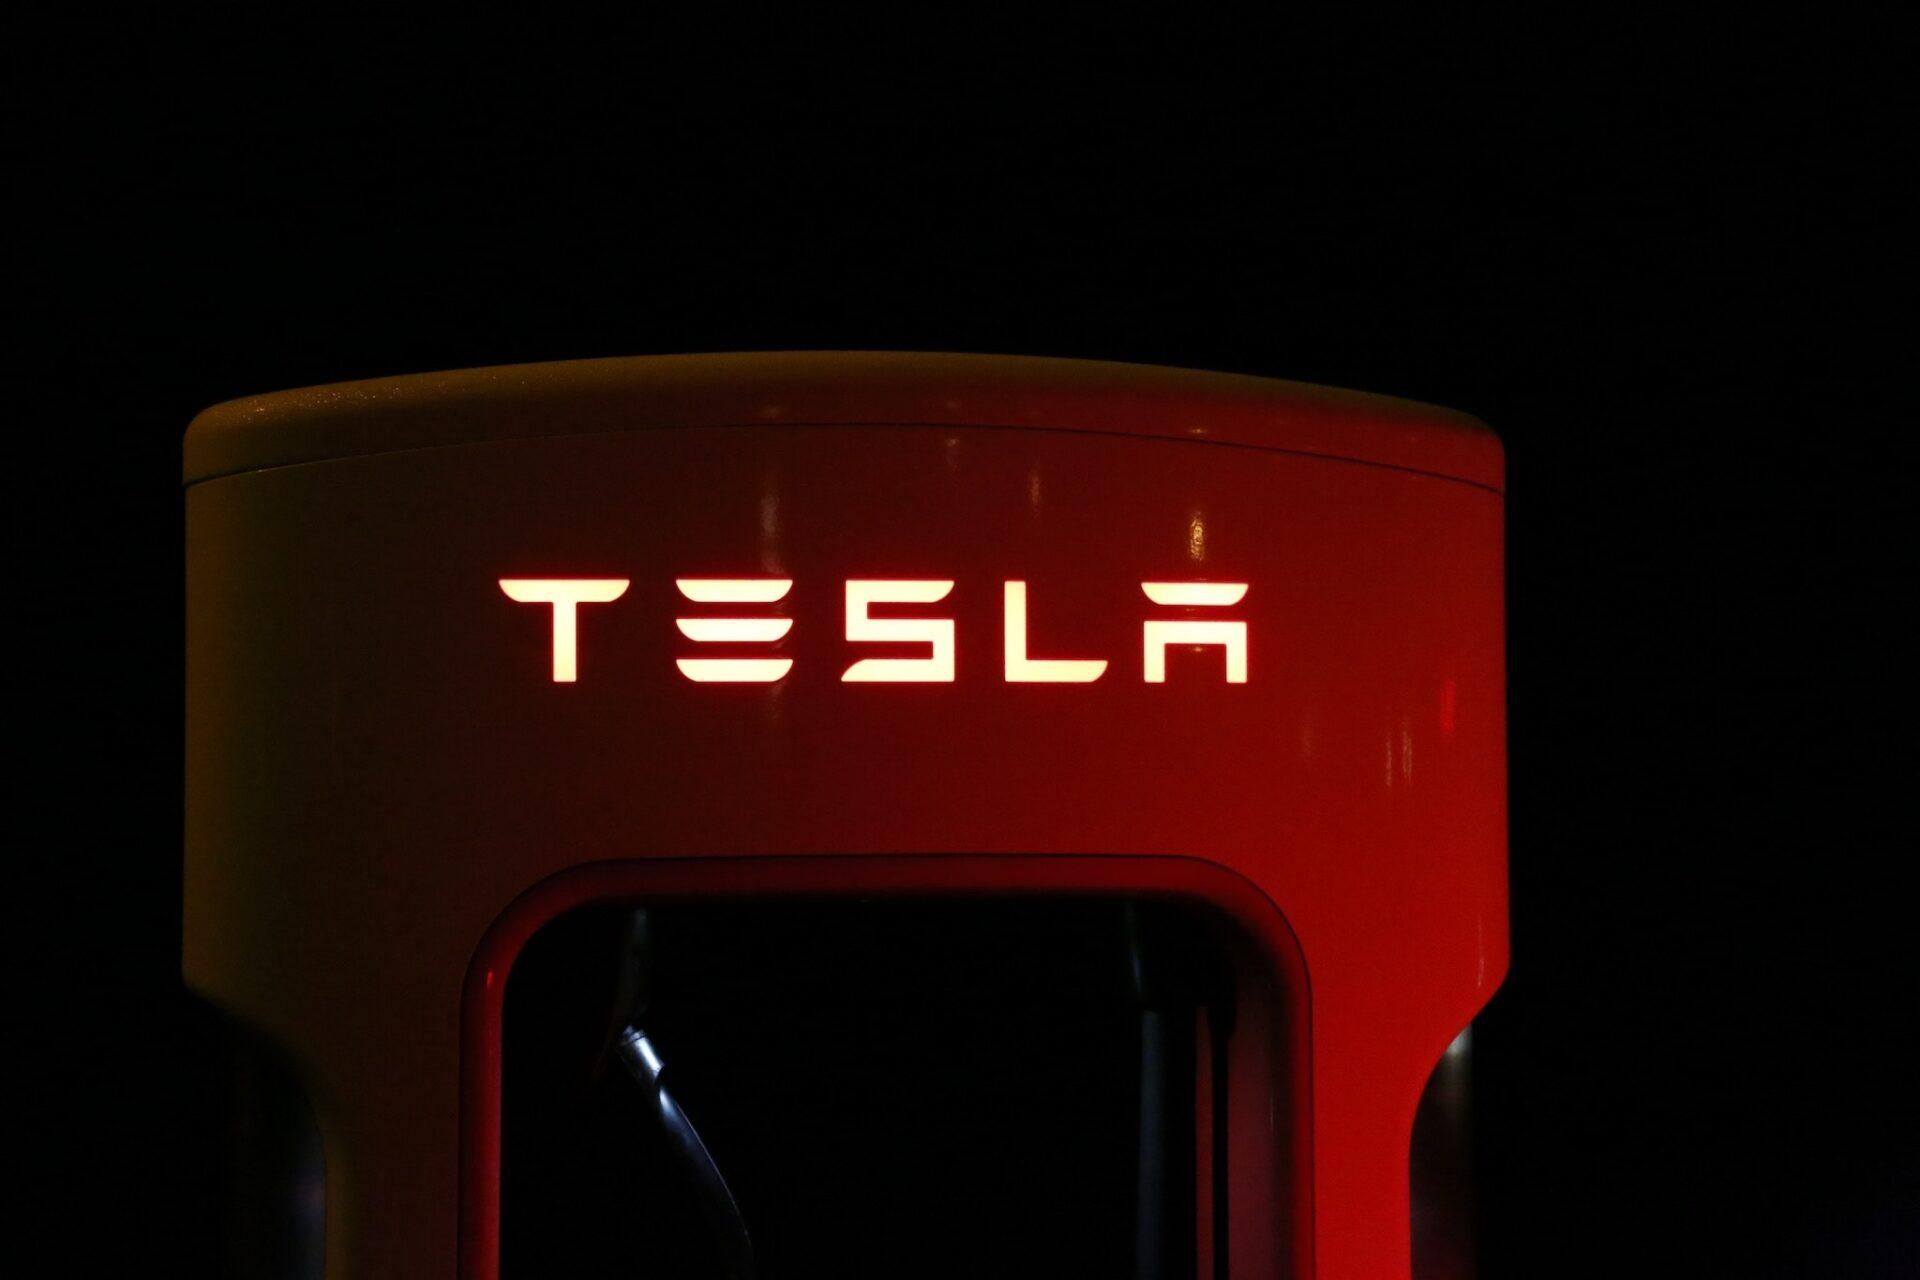 Die Tesla-Aktie stieg am Dienstag auf über 900 Dollar an